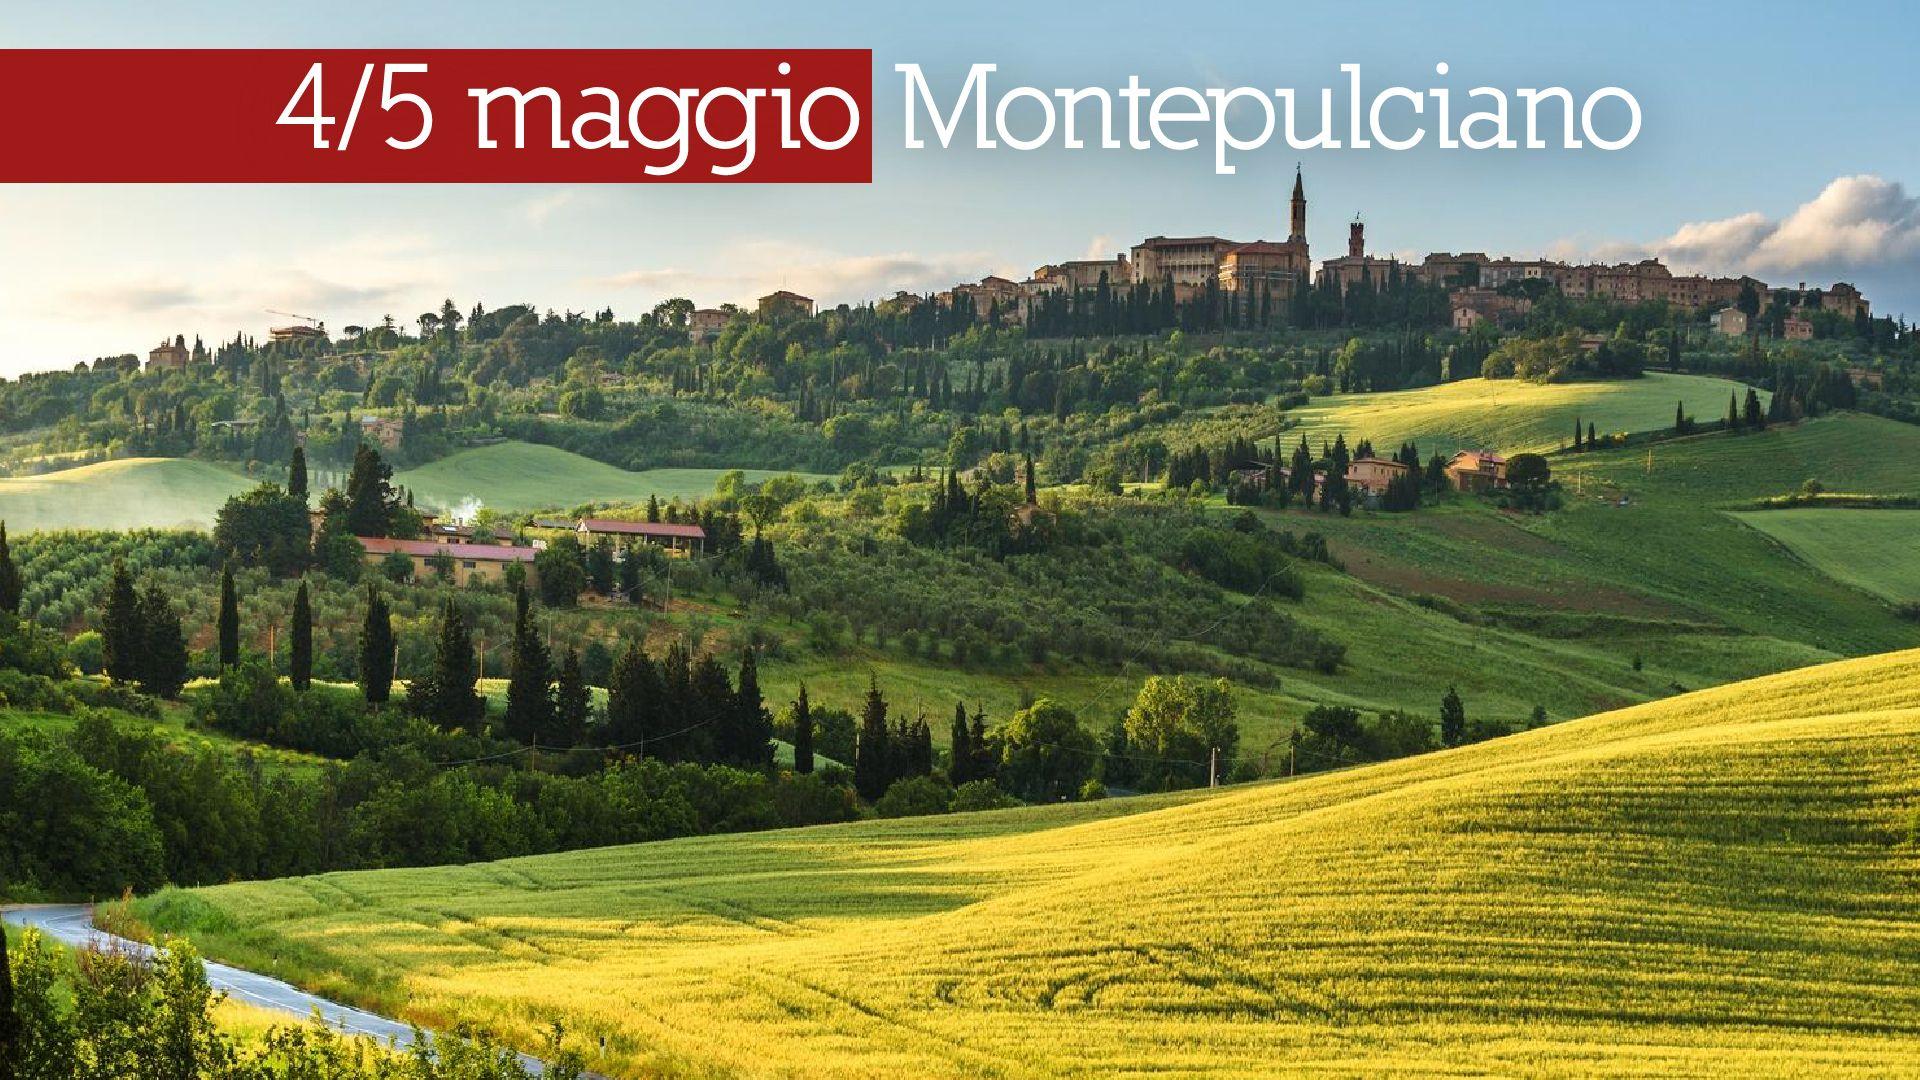 Festival nazionale dello storytelling del vino: a Montepulciano il 4 e 5 maggio 2019.